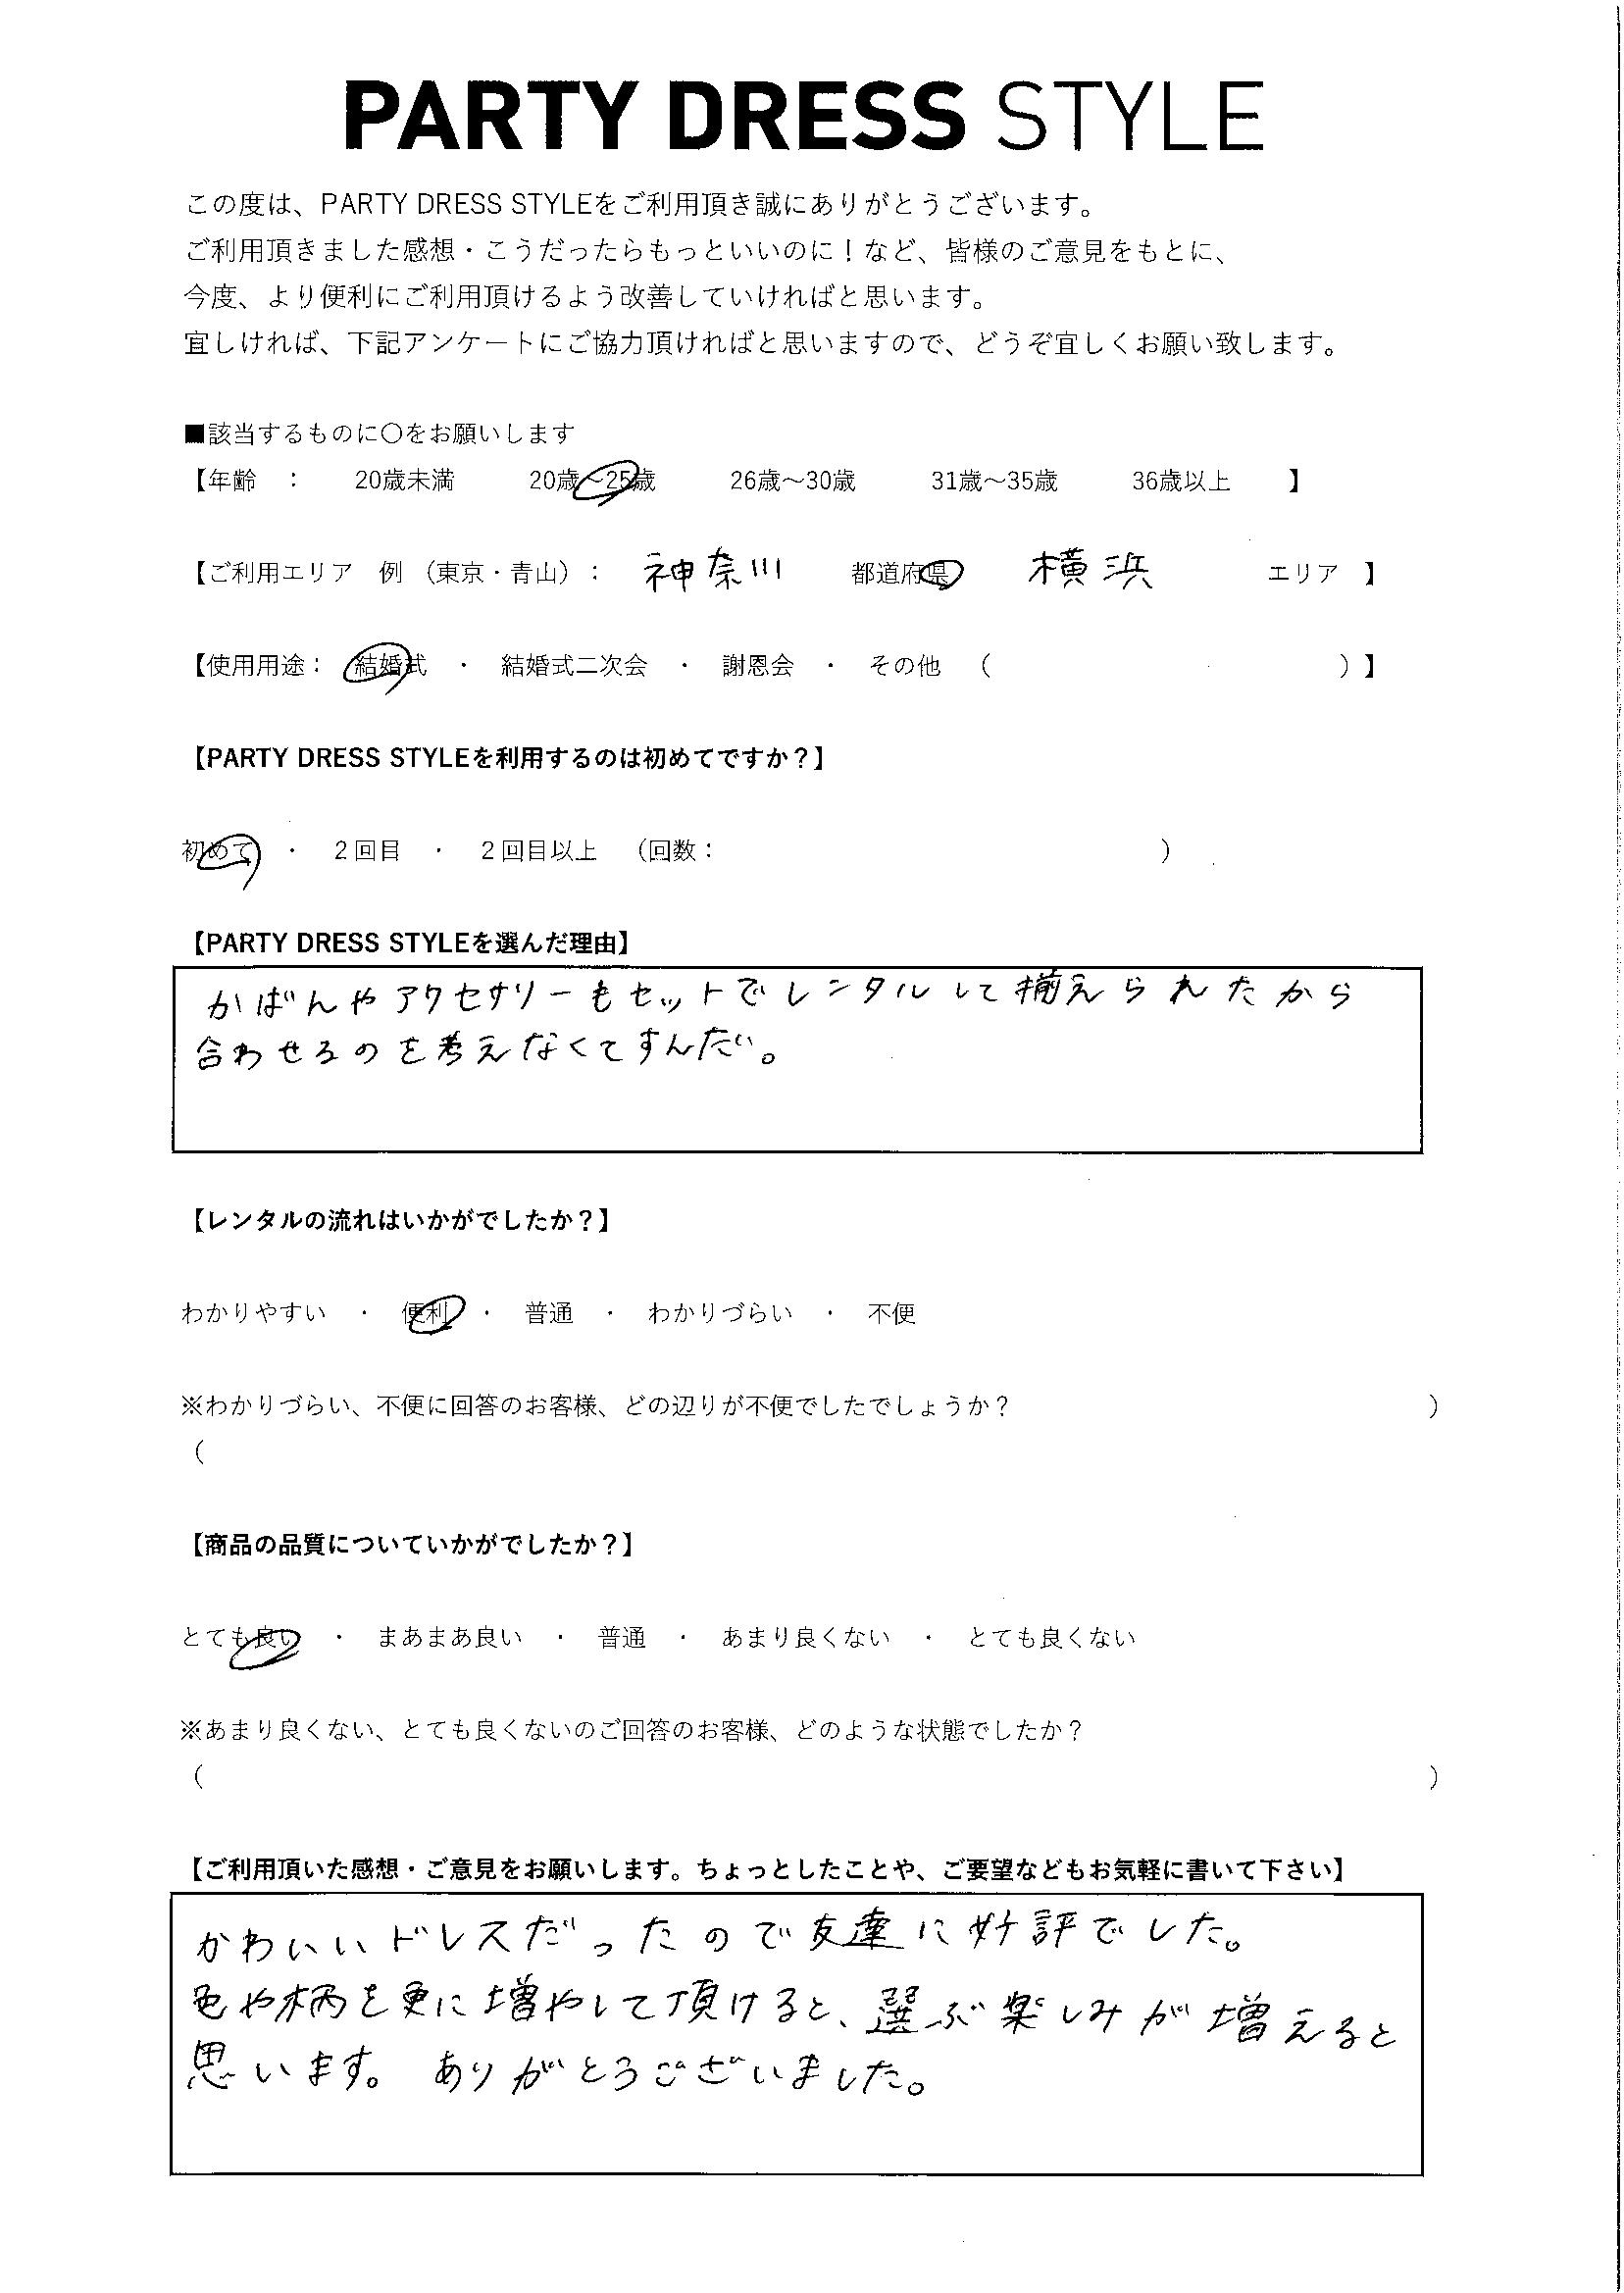 8/31結婚式 神奈川県・横浜エリア